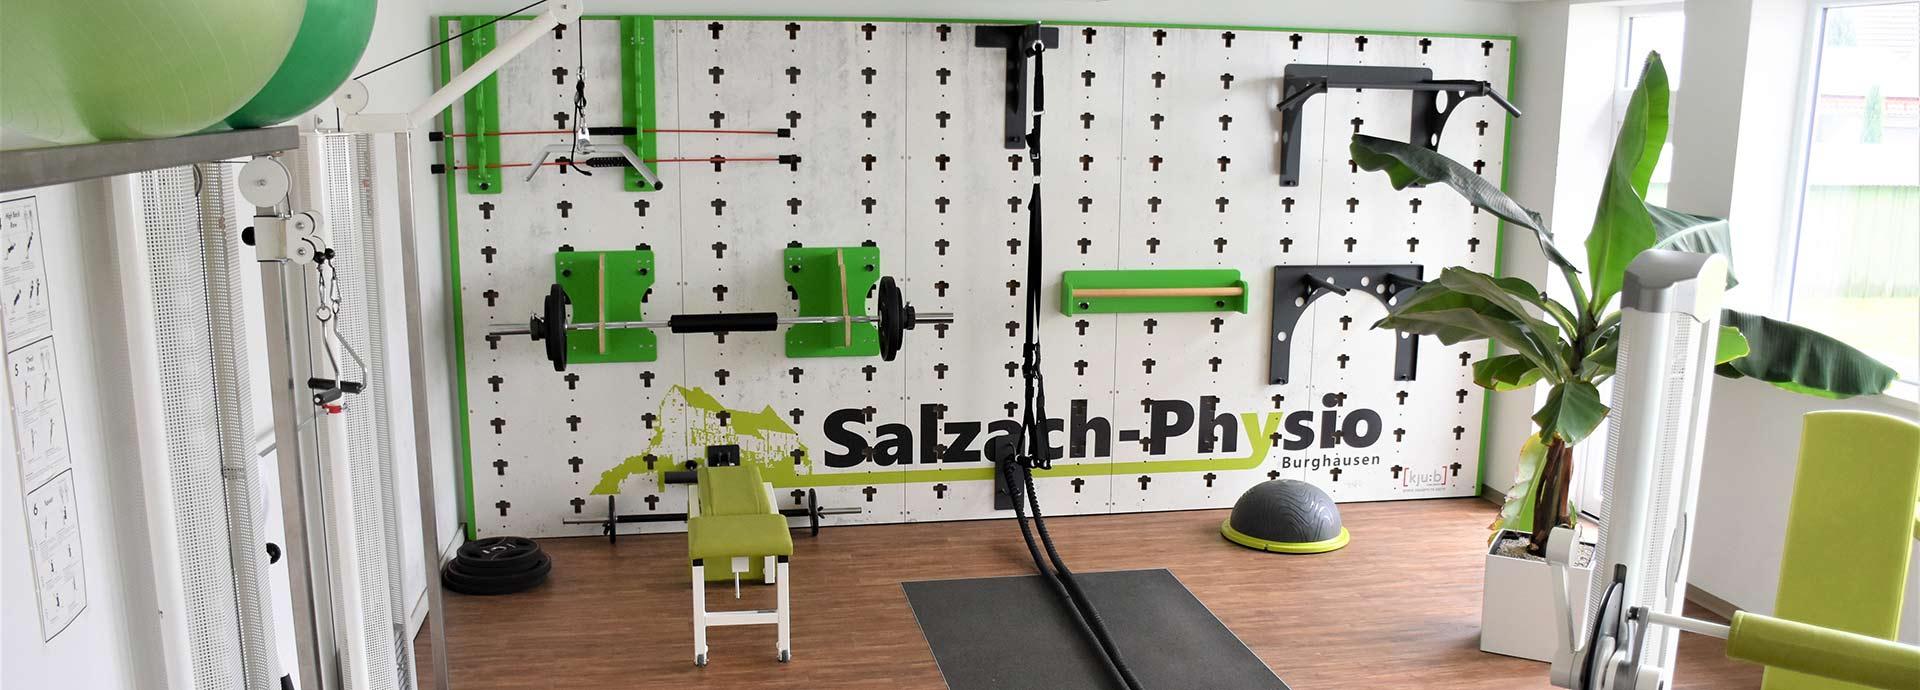 Salzach Physio Praxis